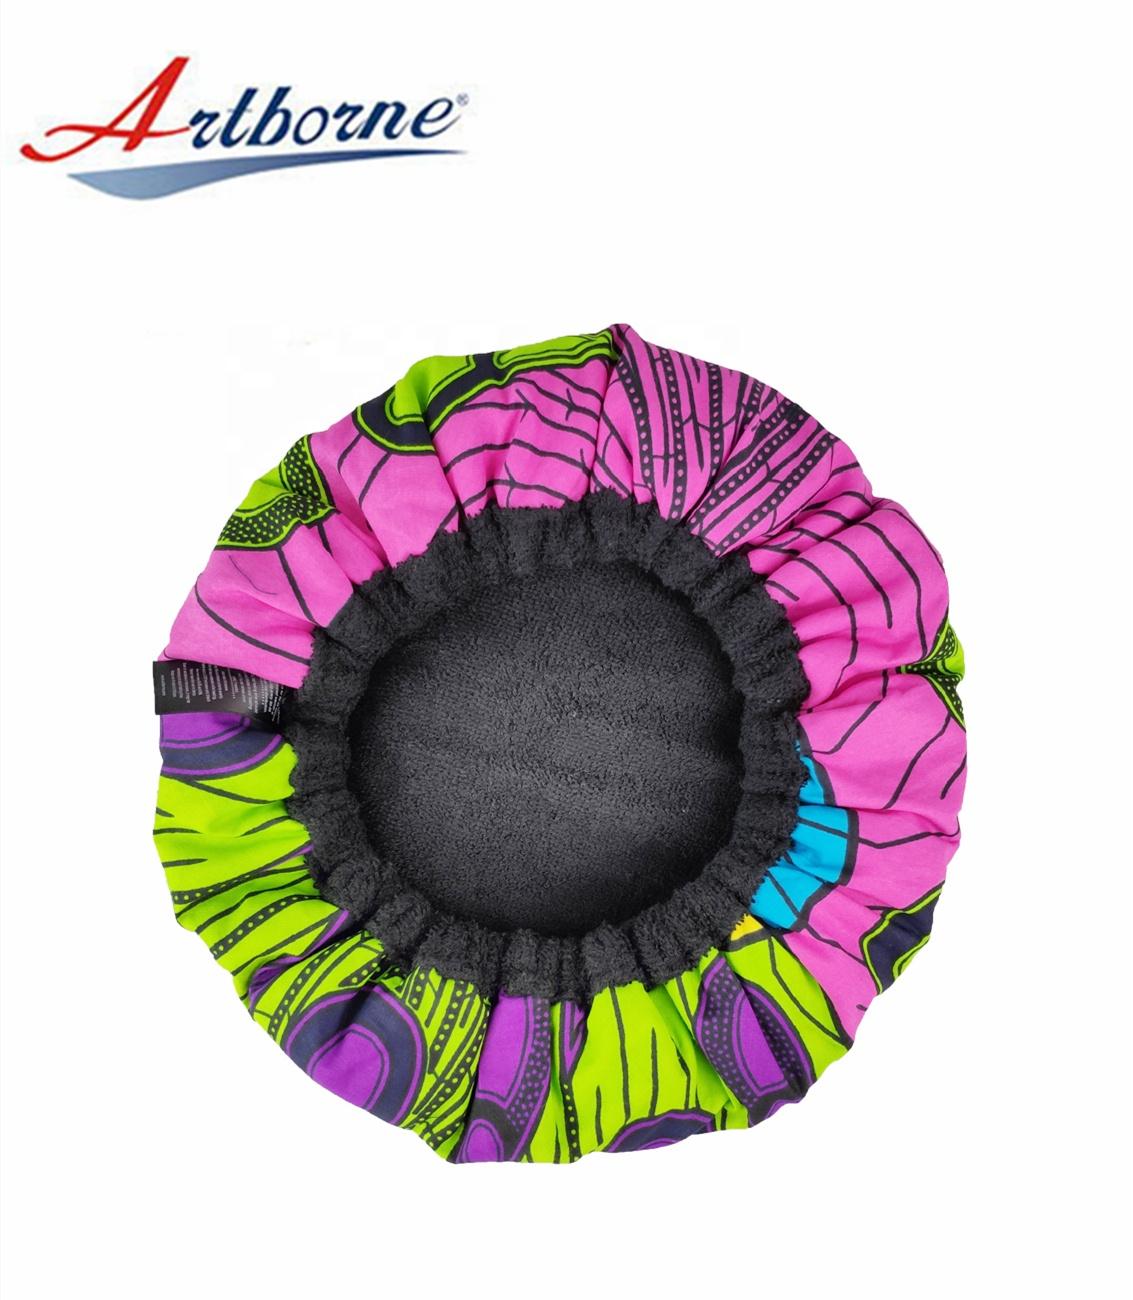 Artborne Array image53